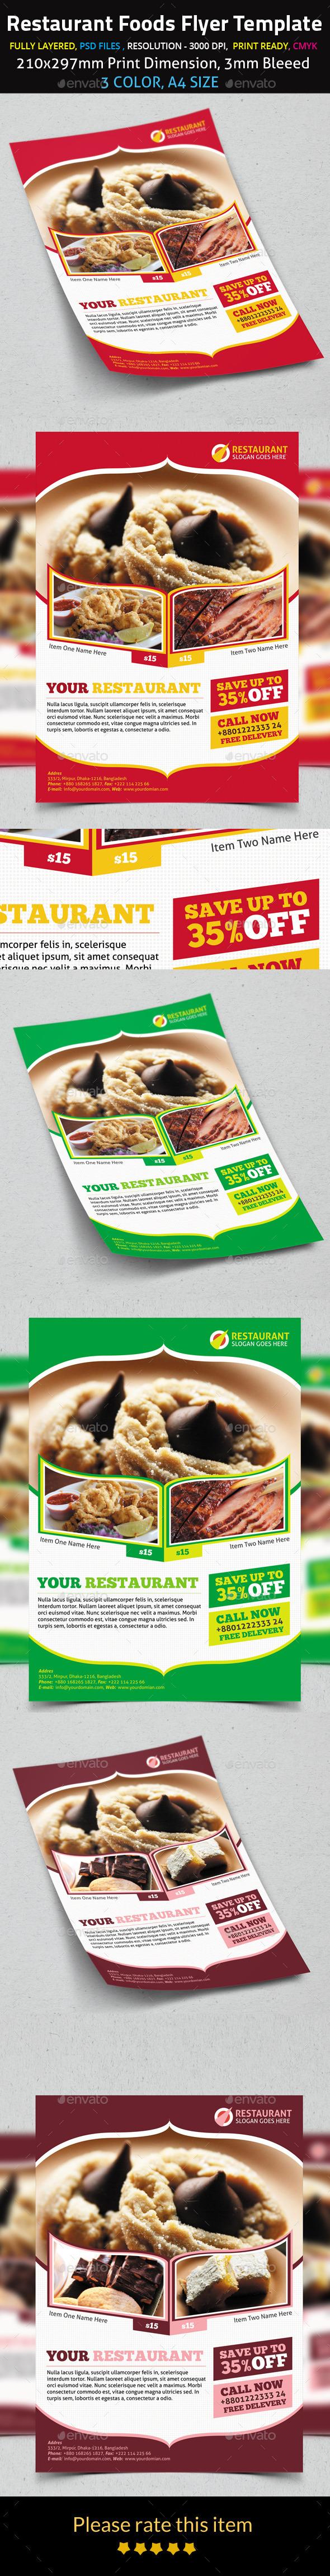 Restaurant Foods Flyer Template